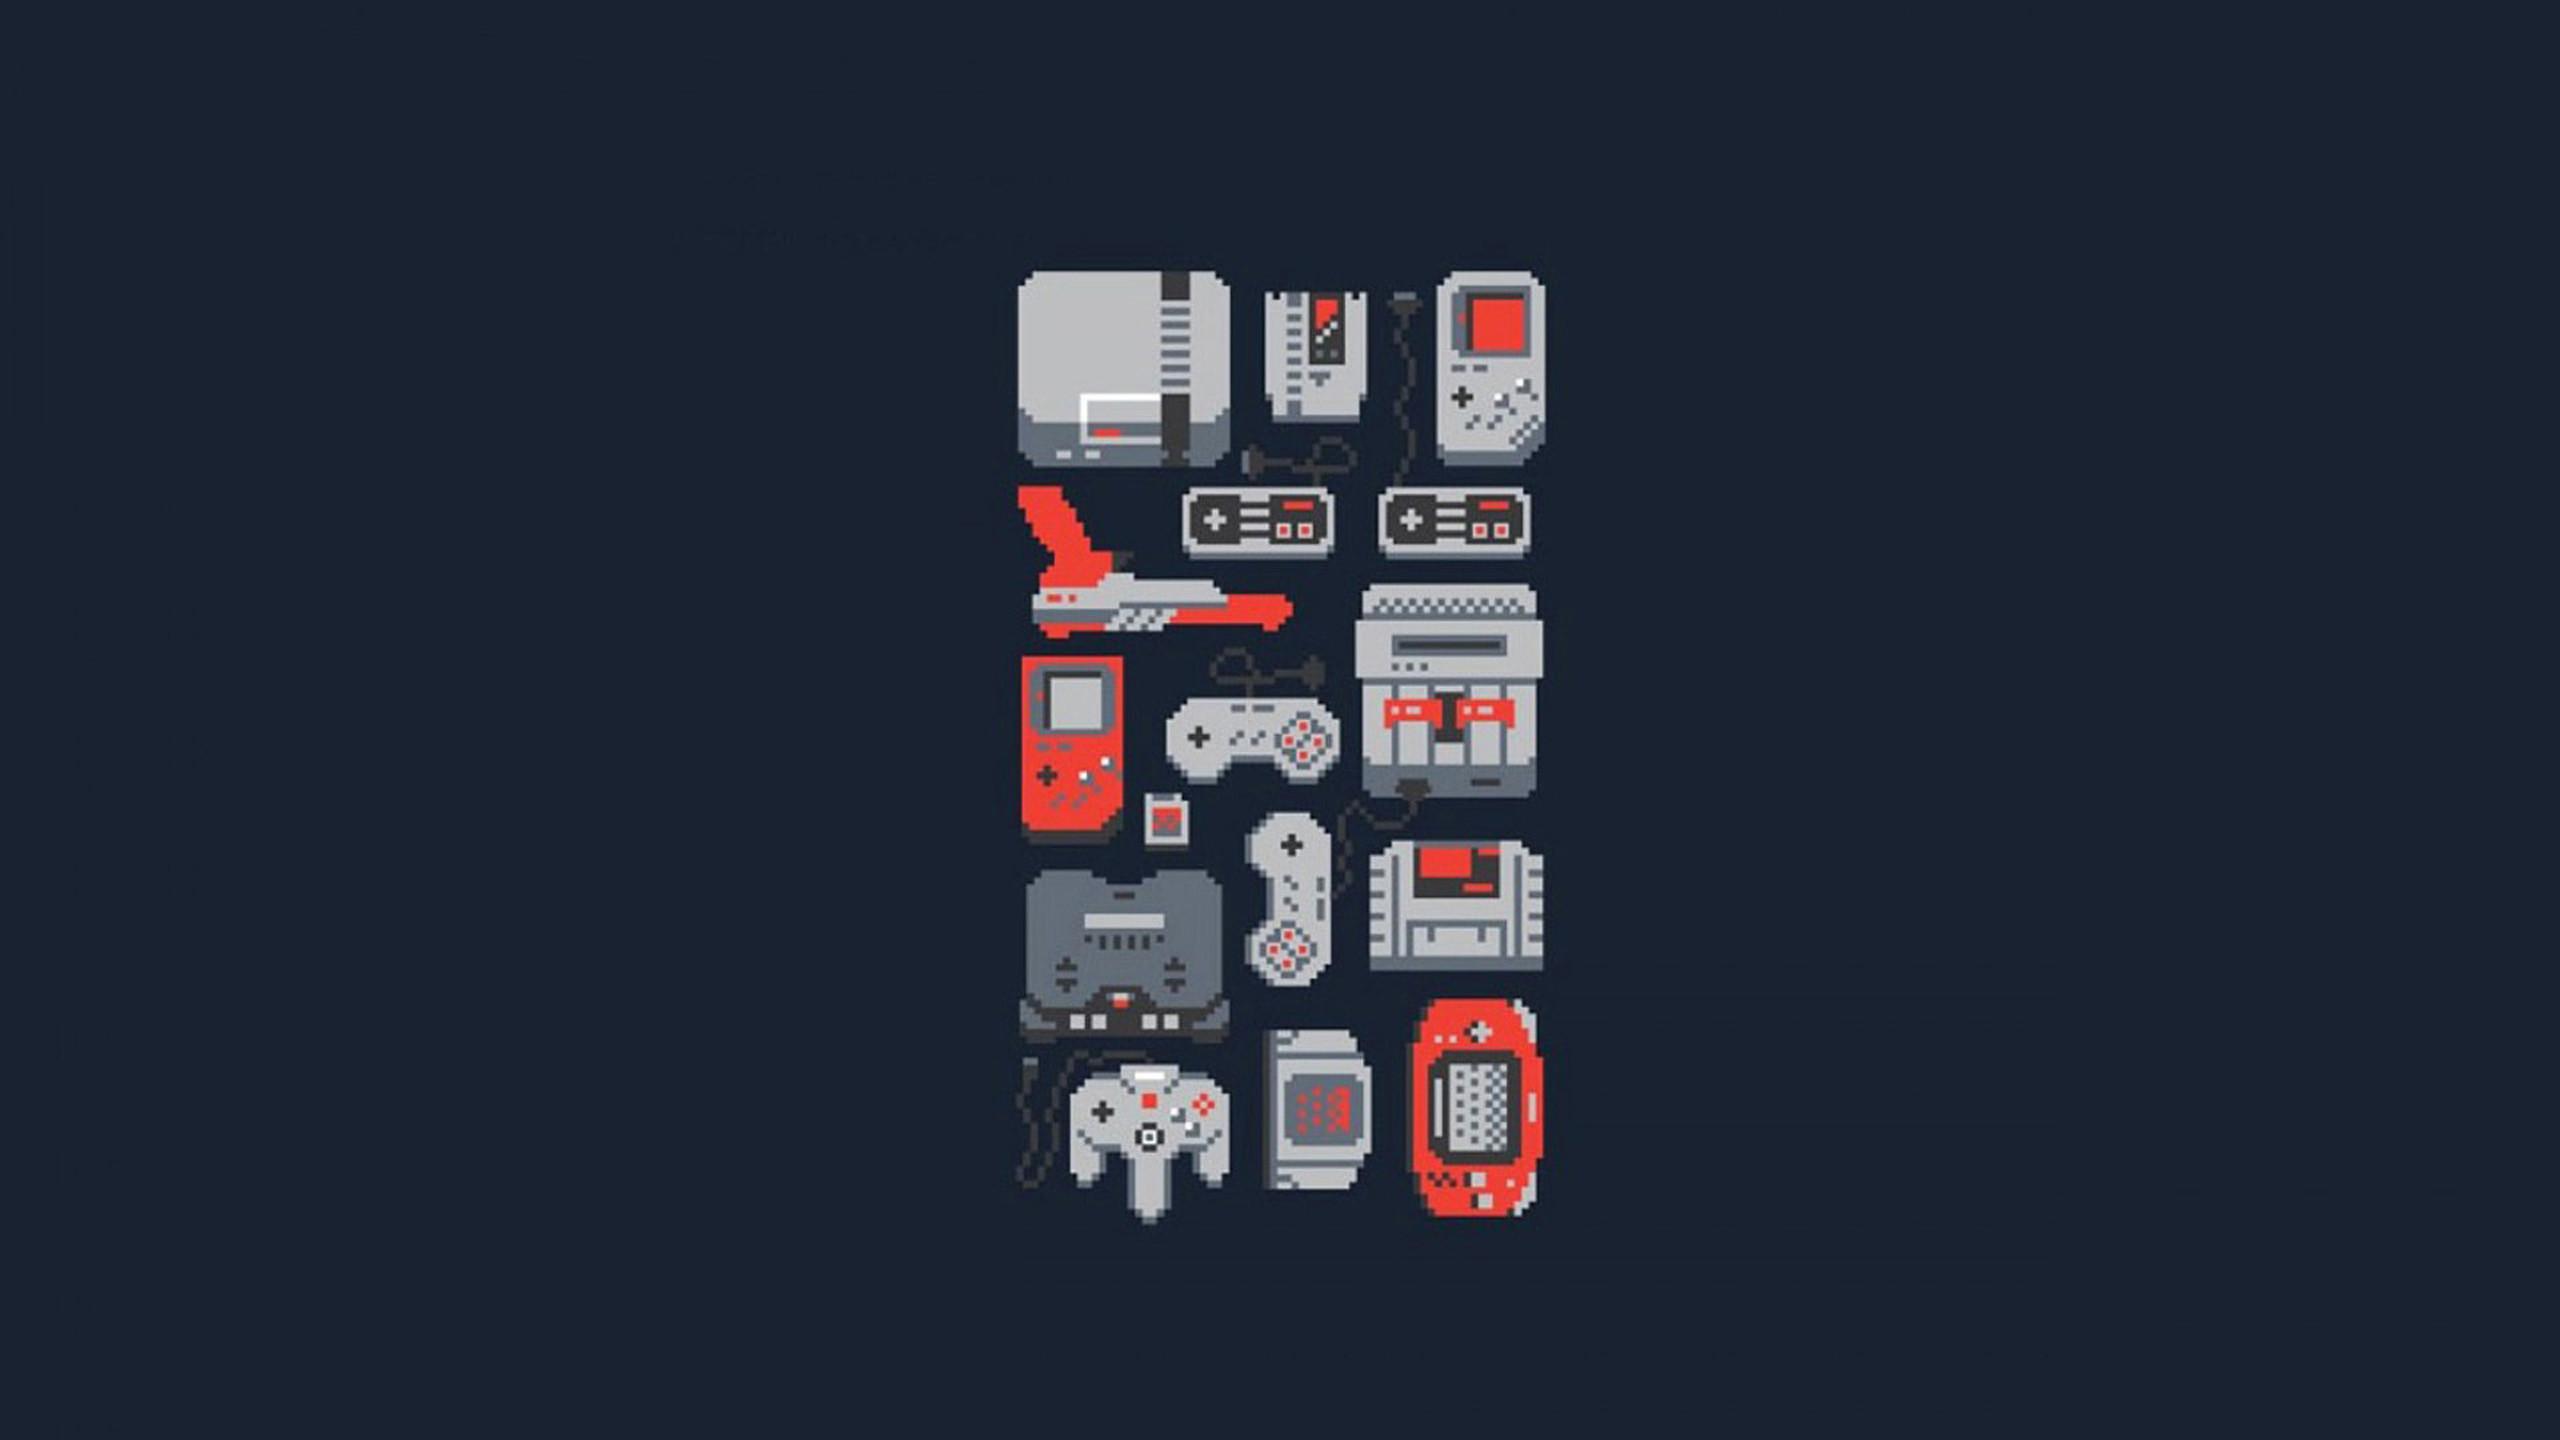 69 Retro Games Wallpaper HD 2560x1440